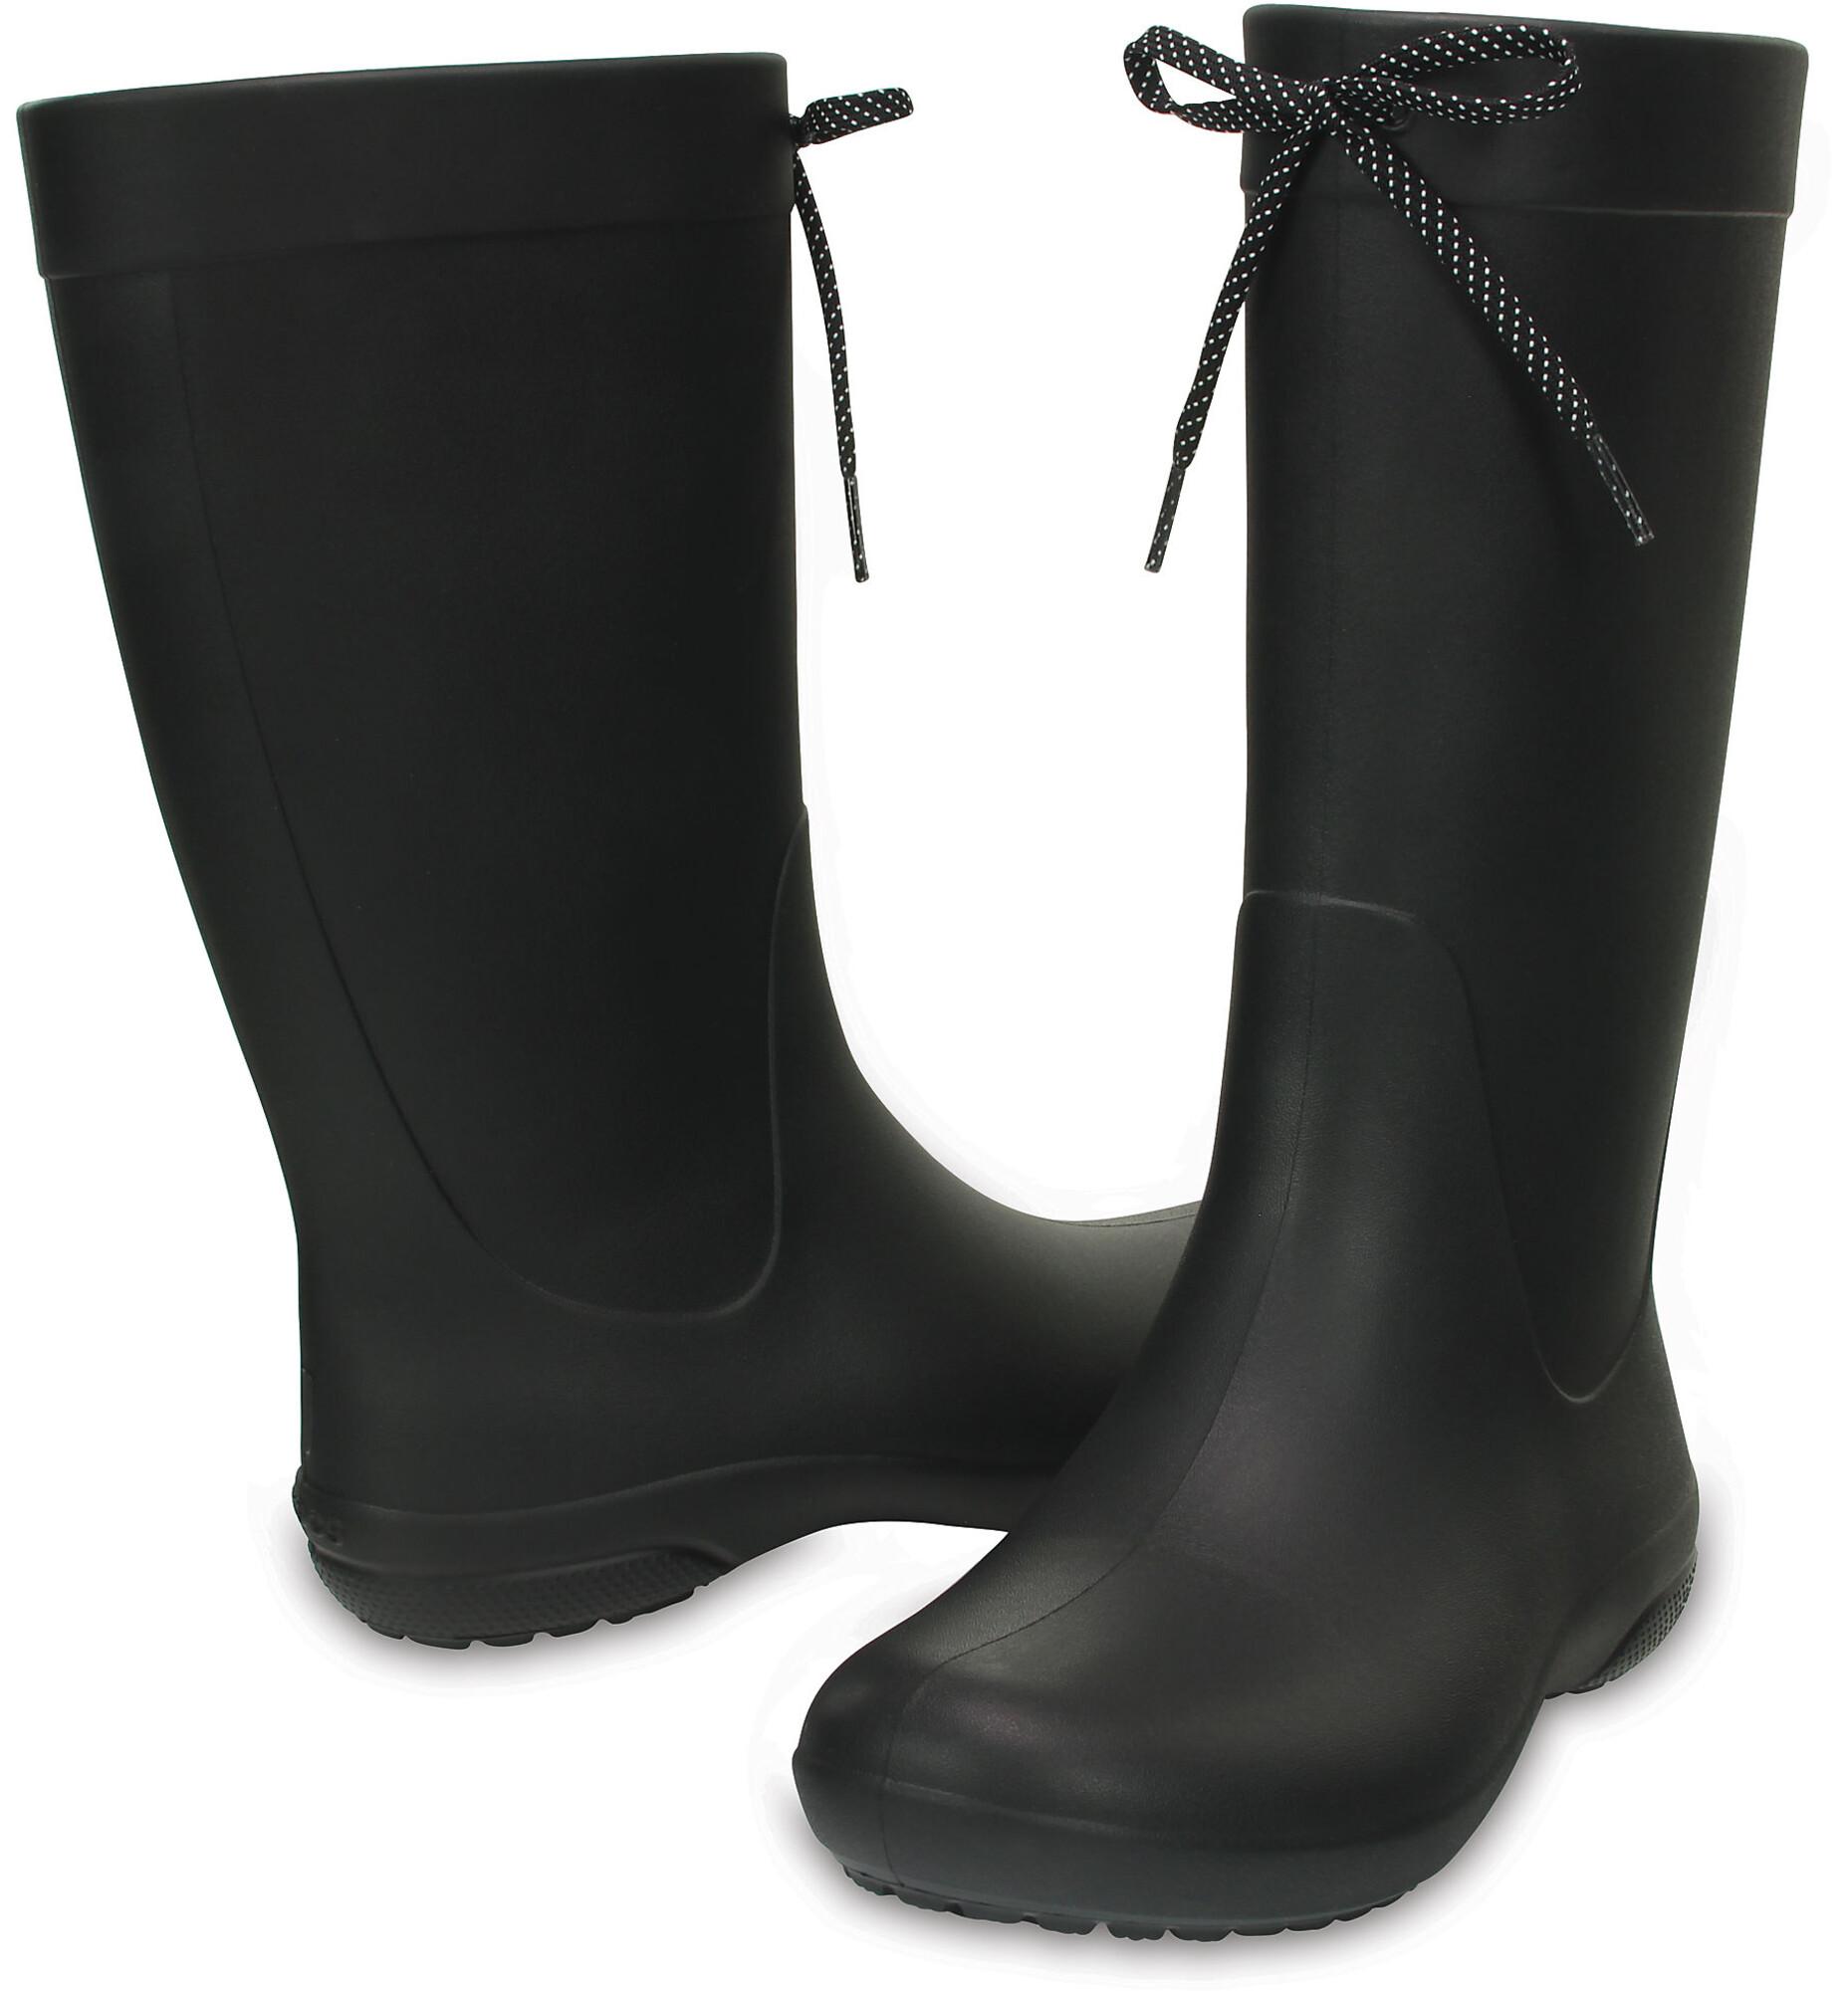 Crocs Freesail Gummistøvler Damer sort | Find outdoortøj, sko & udstyr på nettet | CAMPZ.dk